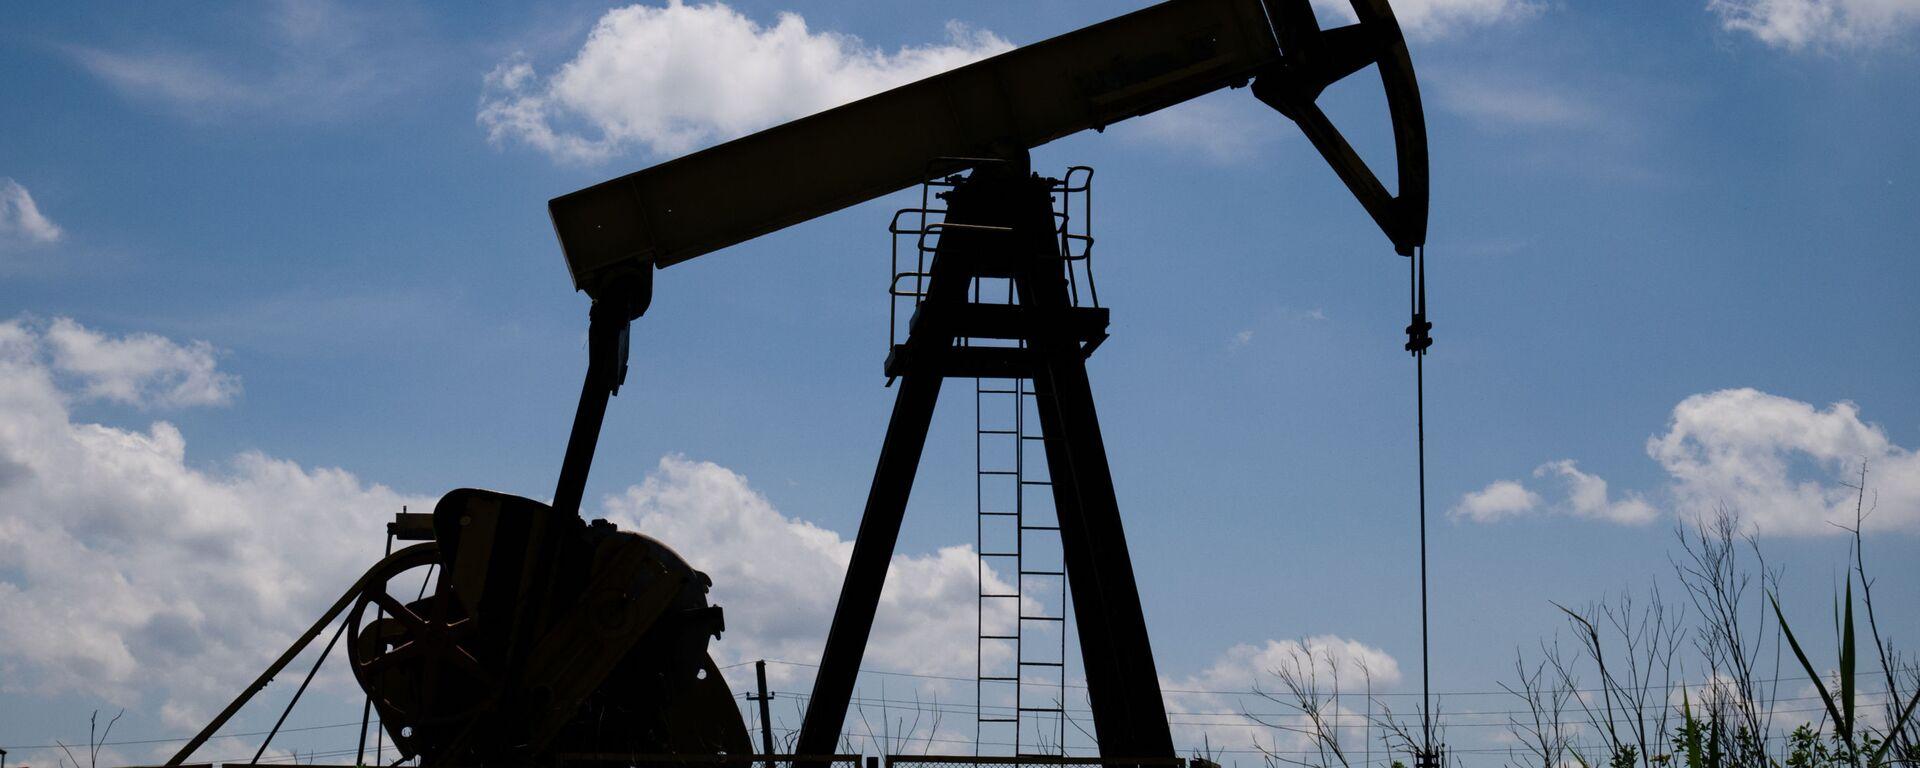 Нефтяной станок-качалка - Sputnik Ўзбекистон, 1920, 29.07.2020